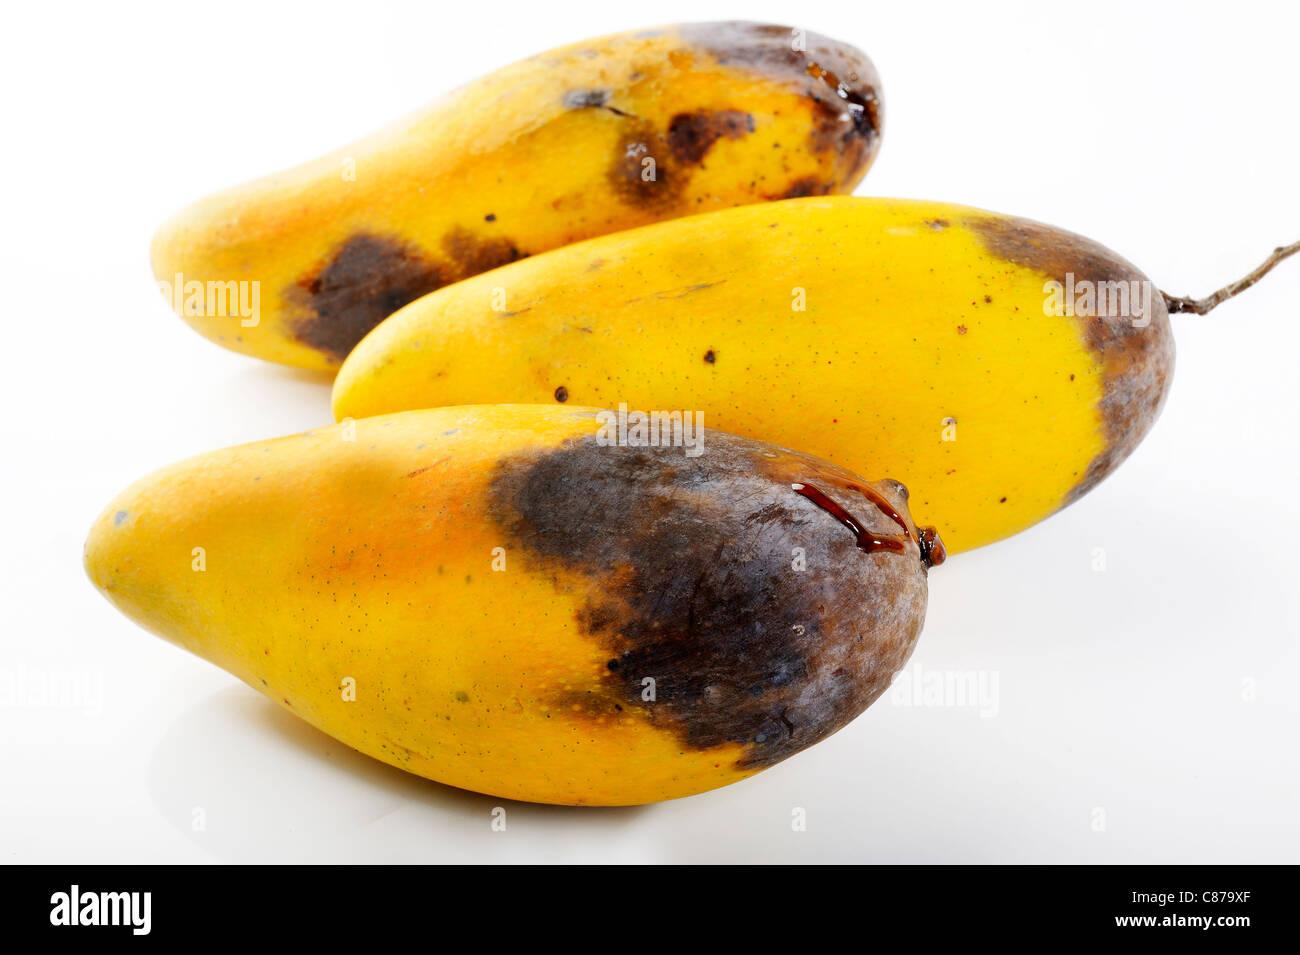 rot mango fruit on white background - Stock Image